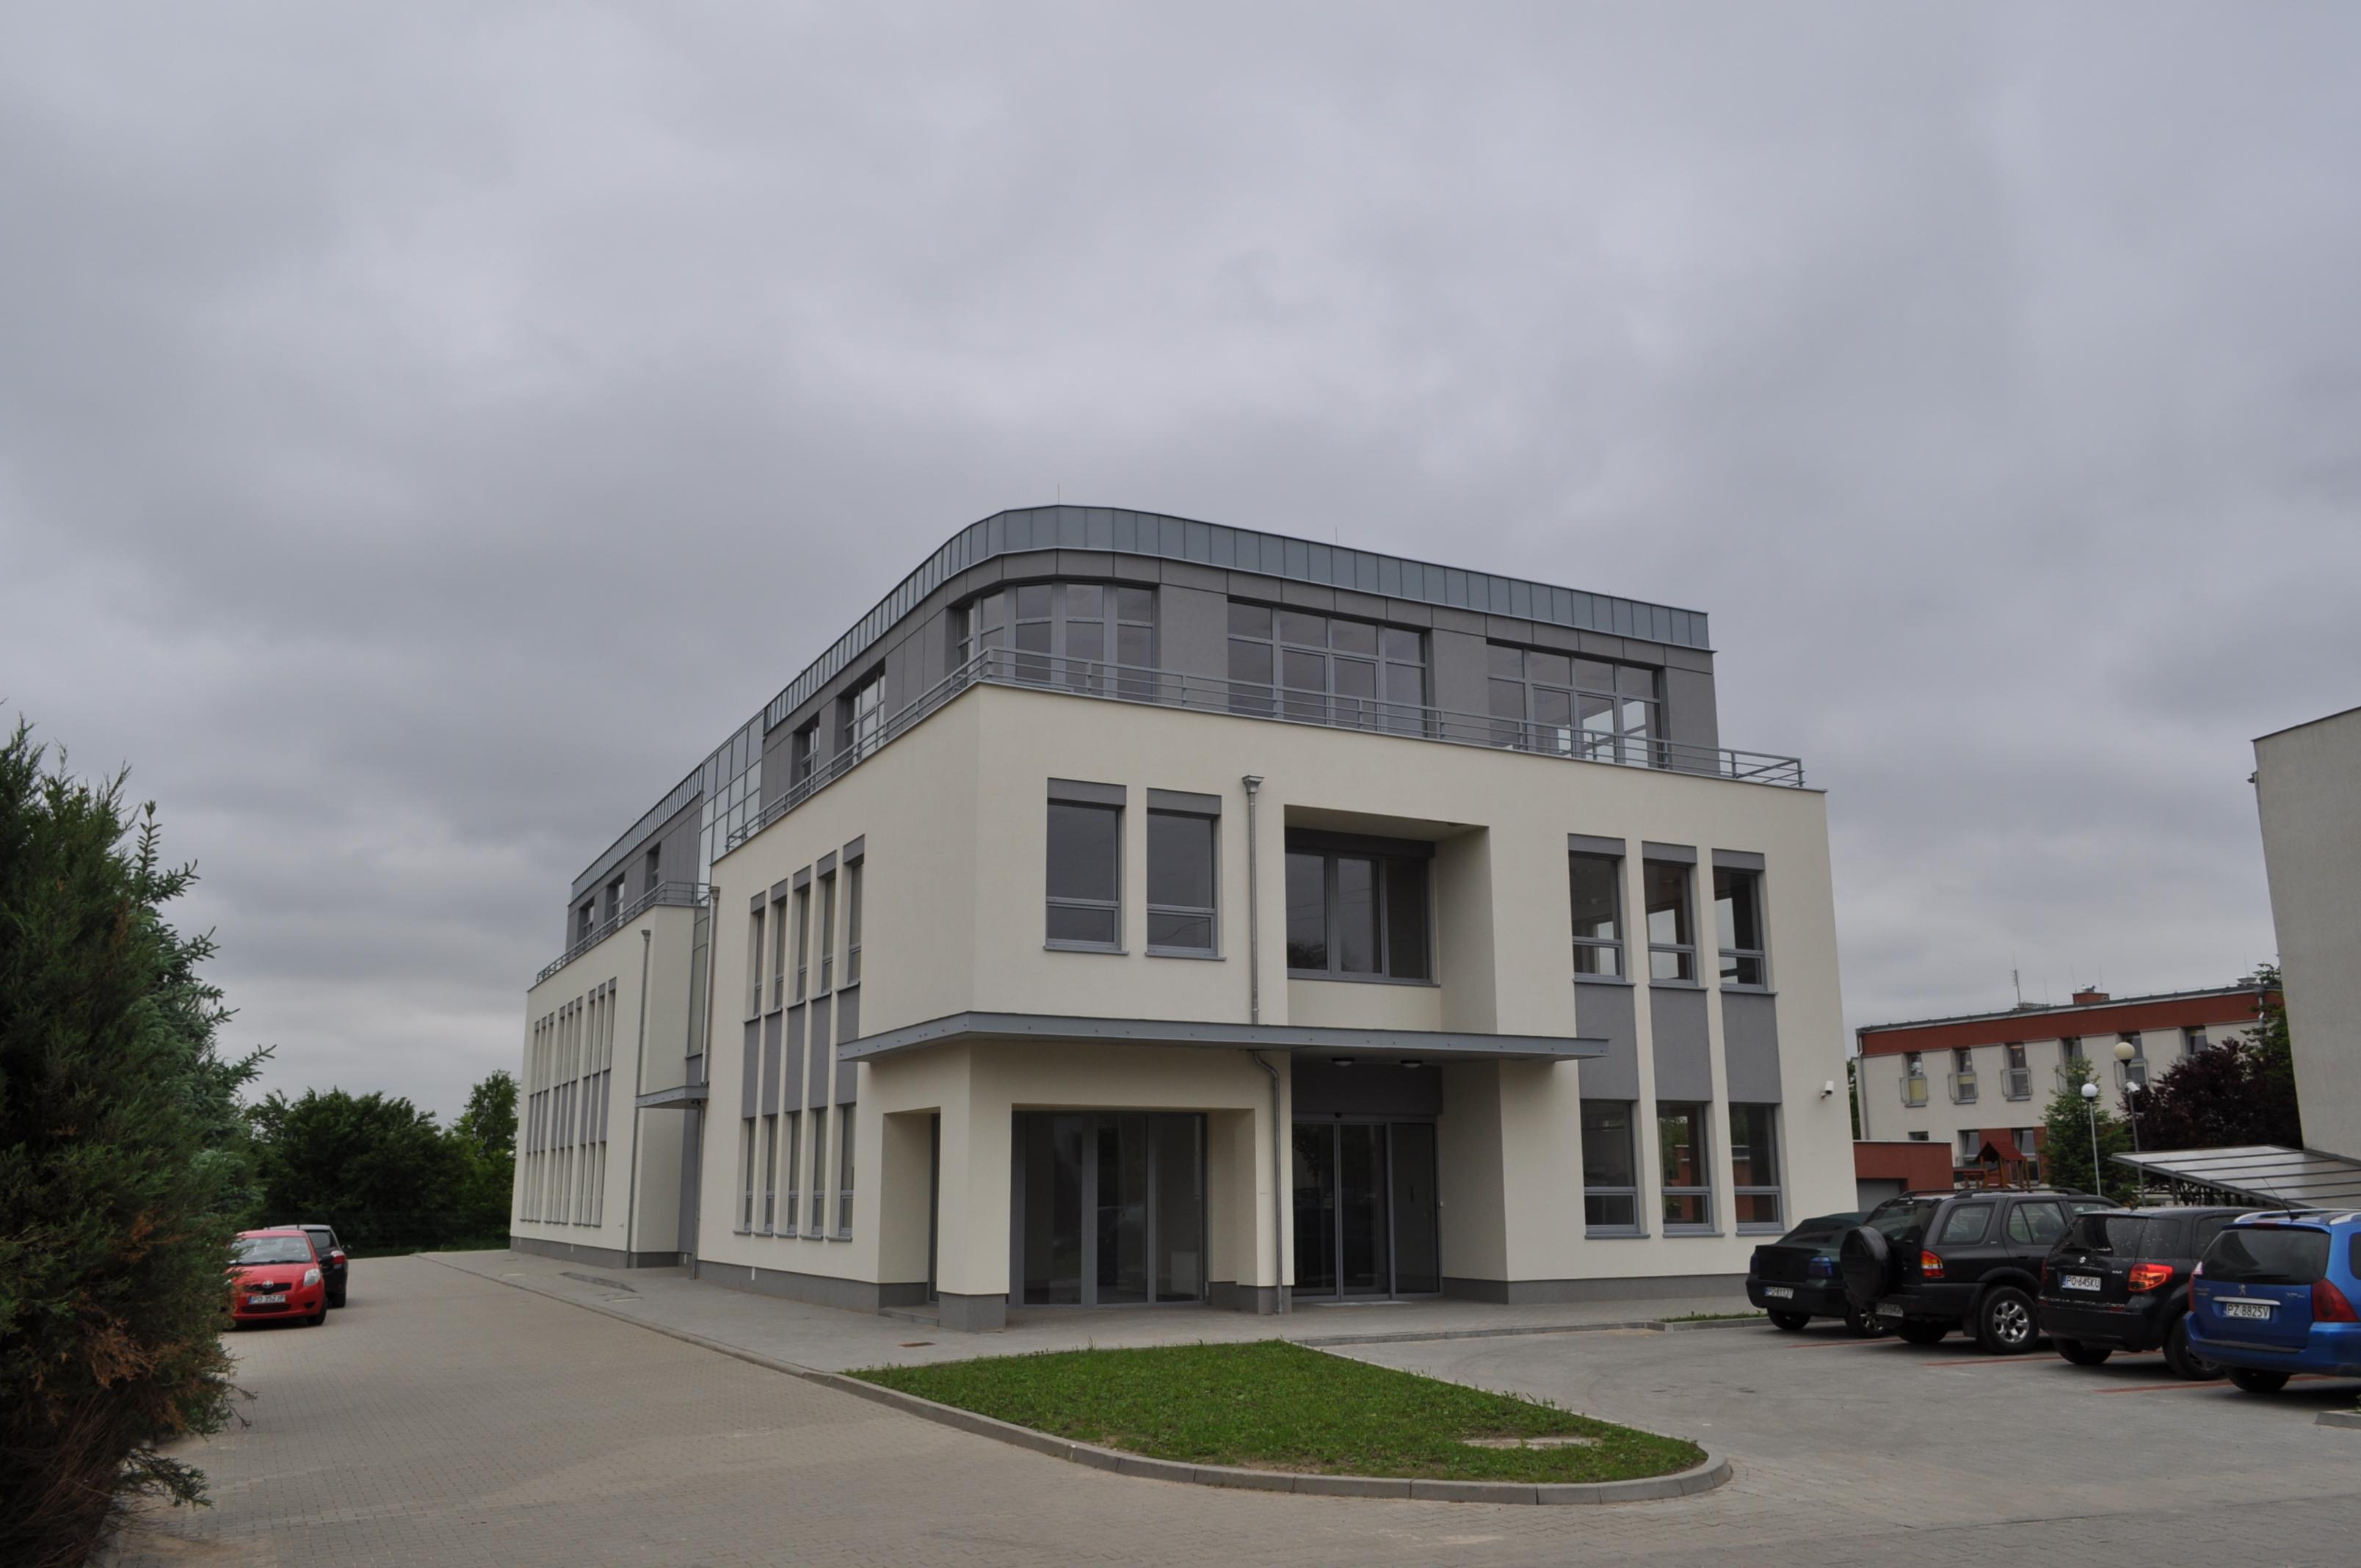 Fundacja Uniwersytetu im Adama Mickiewicza, usługi badawcze i technologiczne dla firm